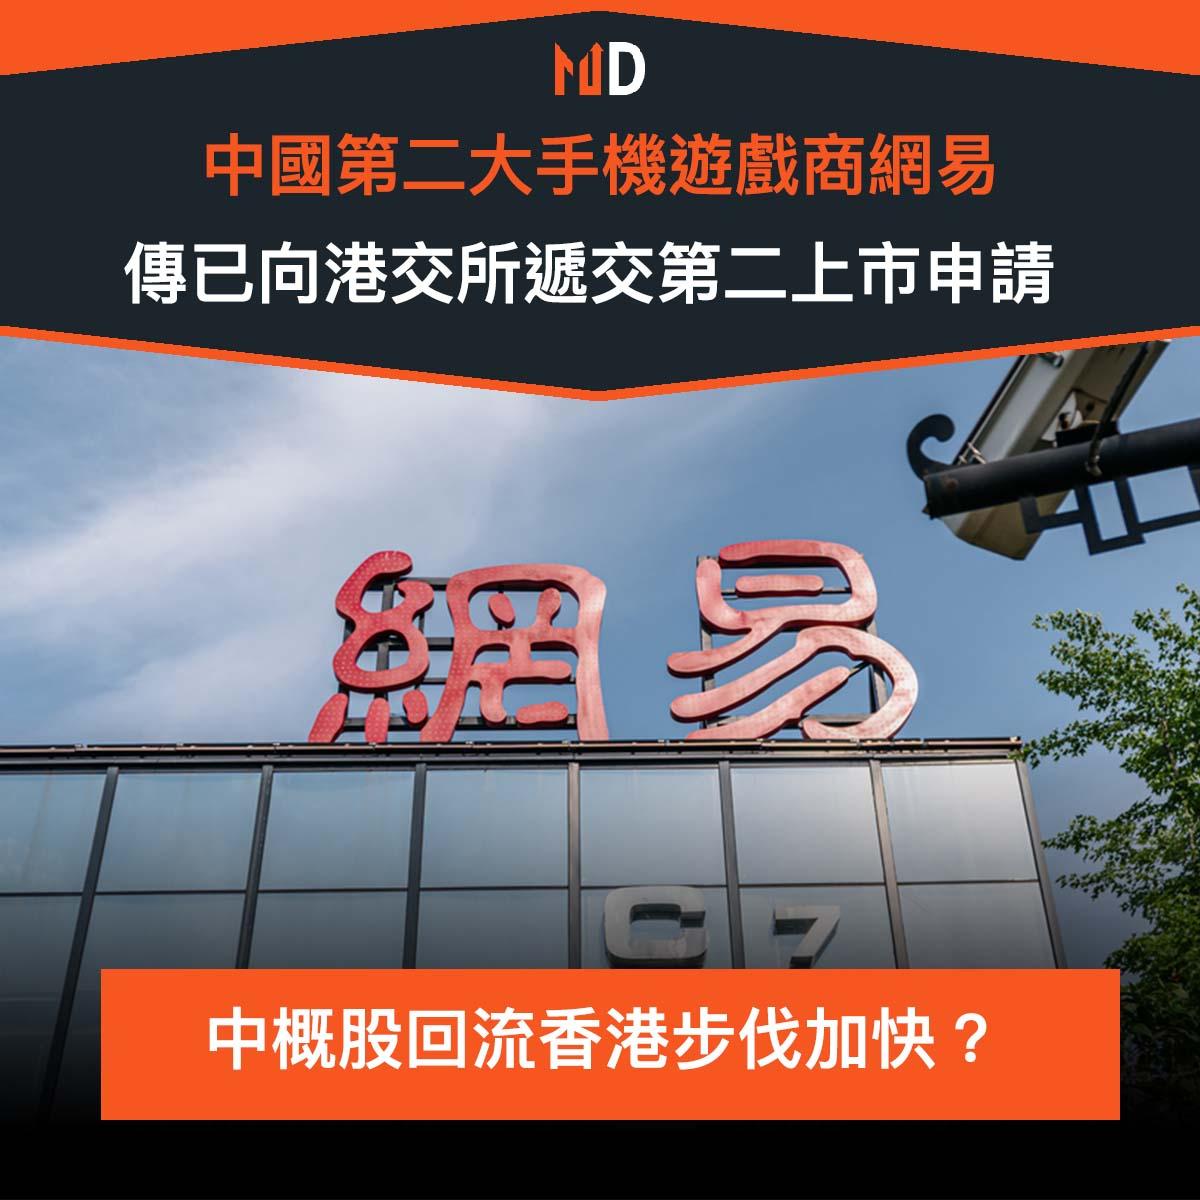 【#市場熱話】中國第二大手機遊戲商網易傳已向港交所遞交第二上市申請